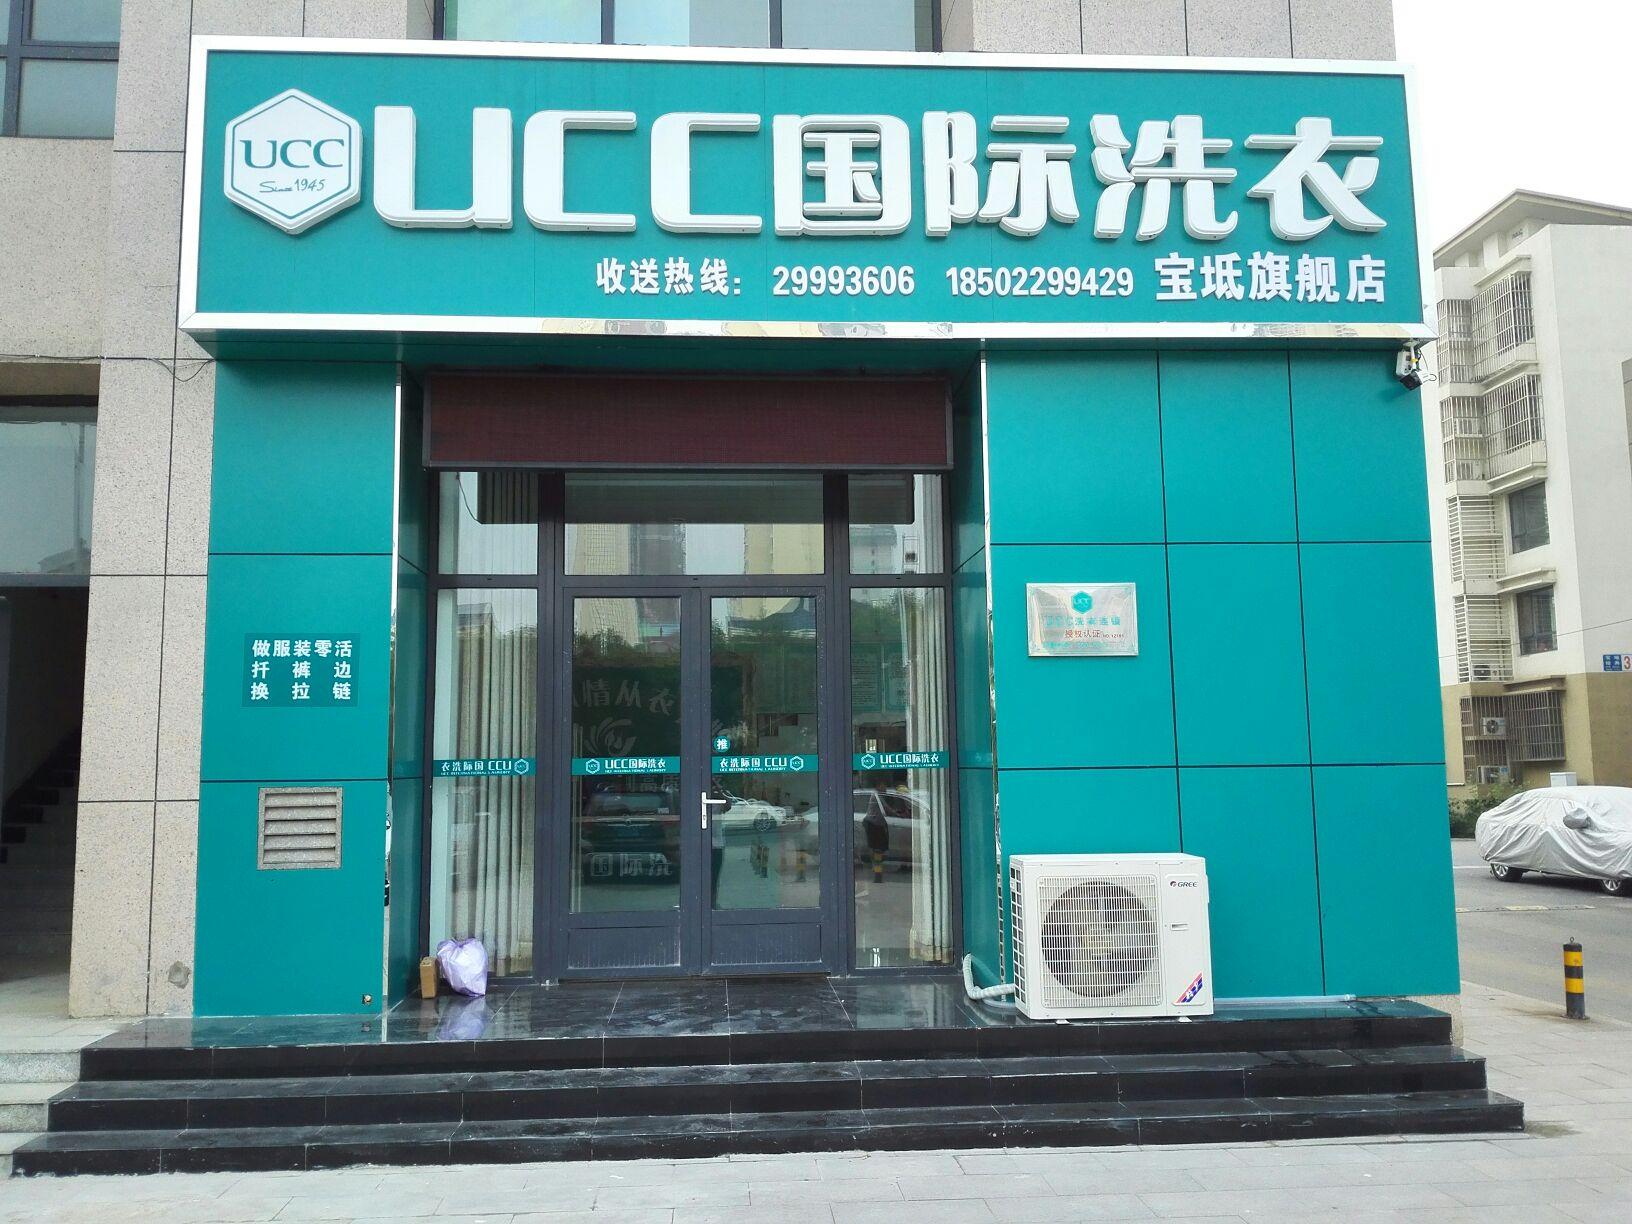 干洗店加盟项目哪个品牌好?UCC国际洗衣加盟优势多!